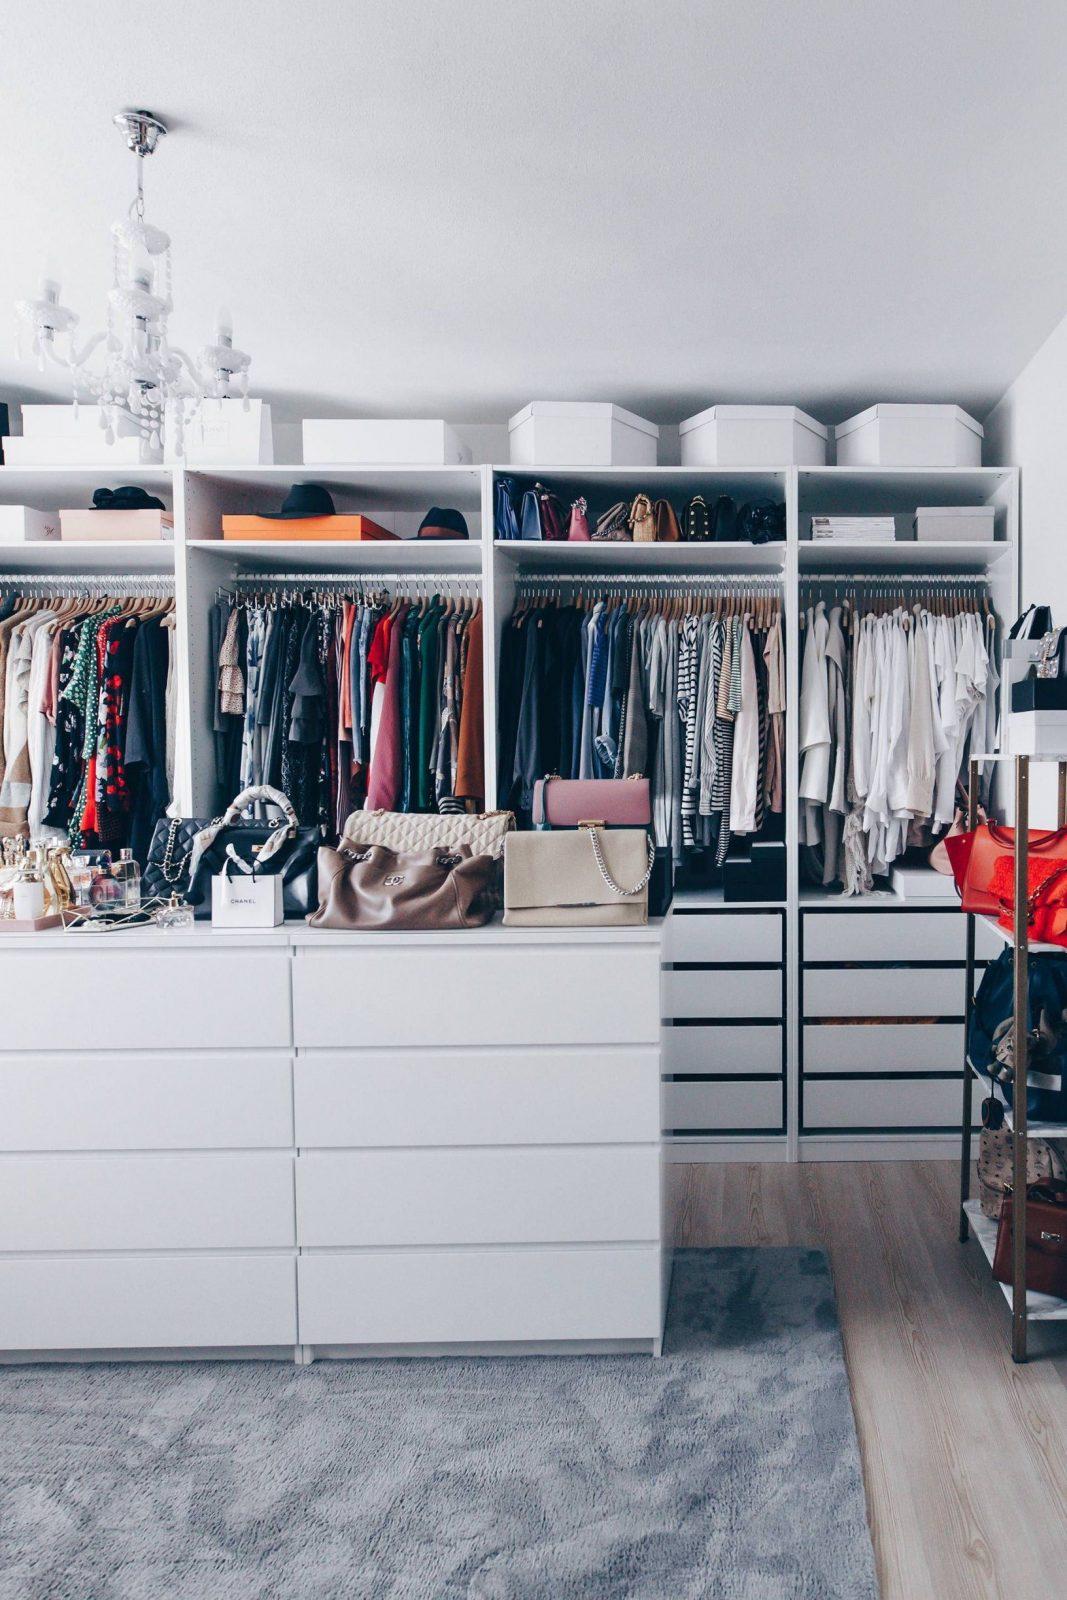 So Habe Ich Mein Ankleidezimmer Eingerichtet Und Gestaltet von Begehbarer Kleiderschrank Ikea Pax Bild